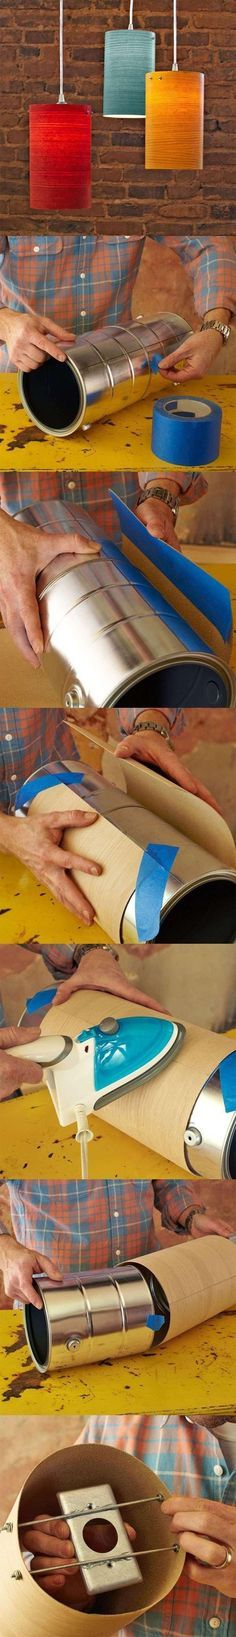 DIY Une suspension en bois. (http://www.lowes.com/creative-ideas/decorate-and-entertain/wood-veneer-pendant-lights/project)